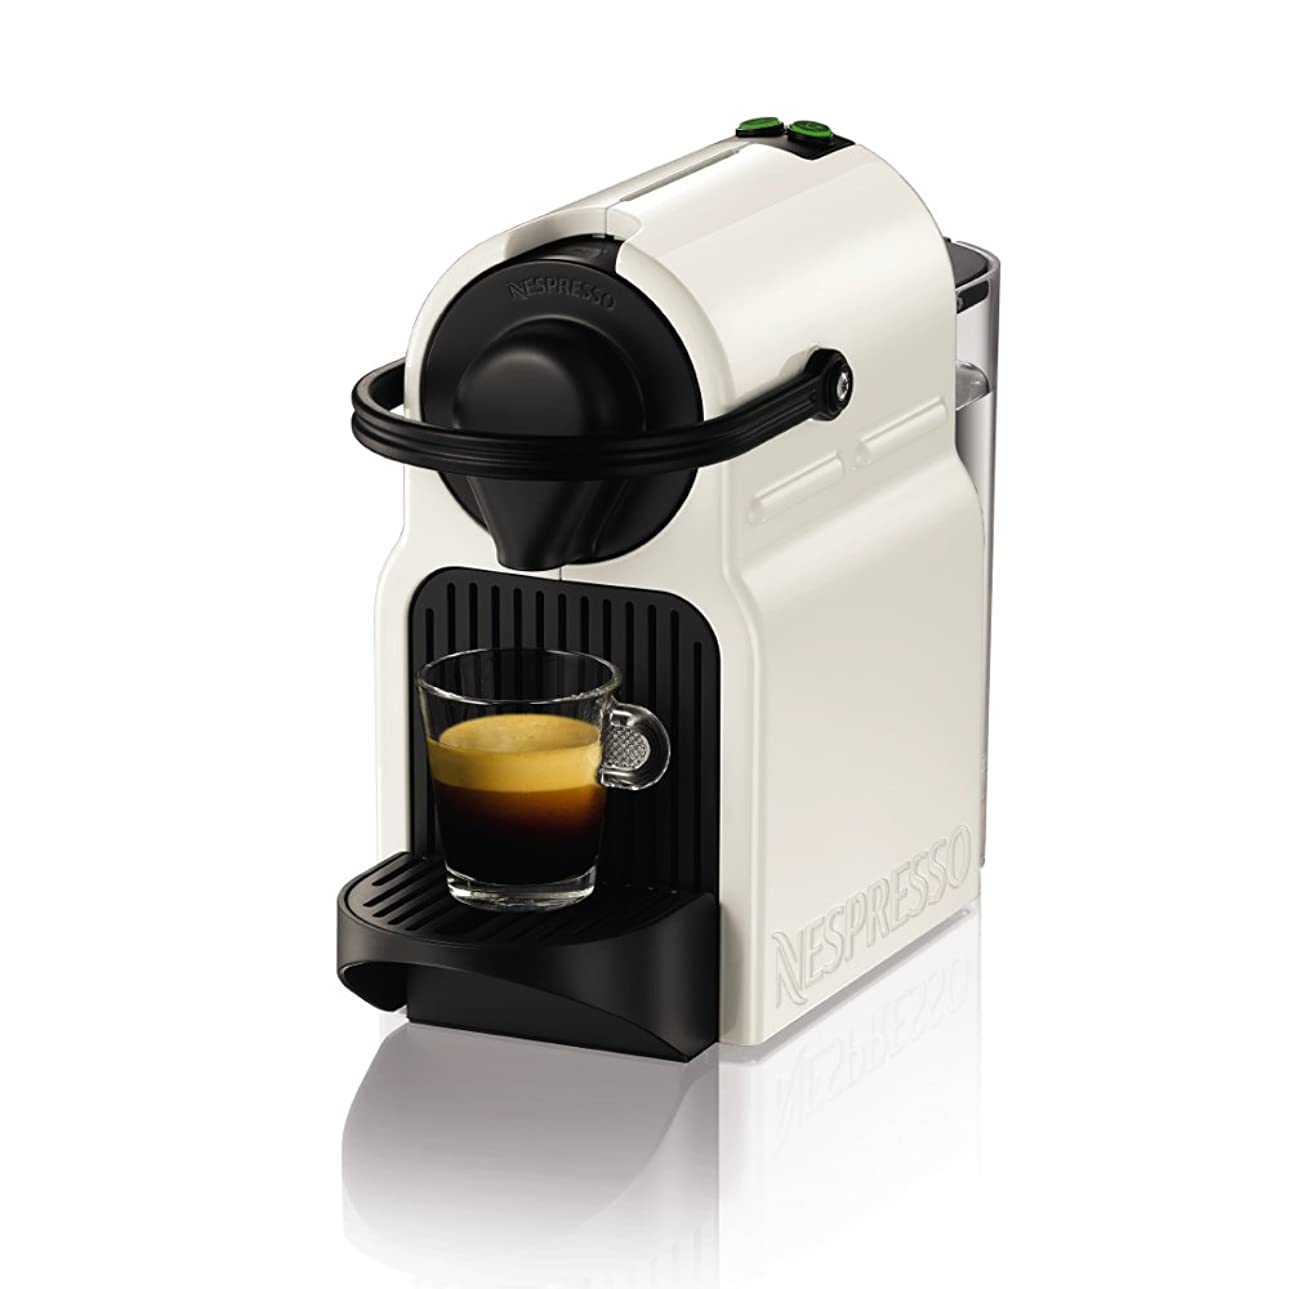 おめでとう出席対処ネスプレッソ コーヒーメーカー イニッシア ホワイト C40WH